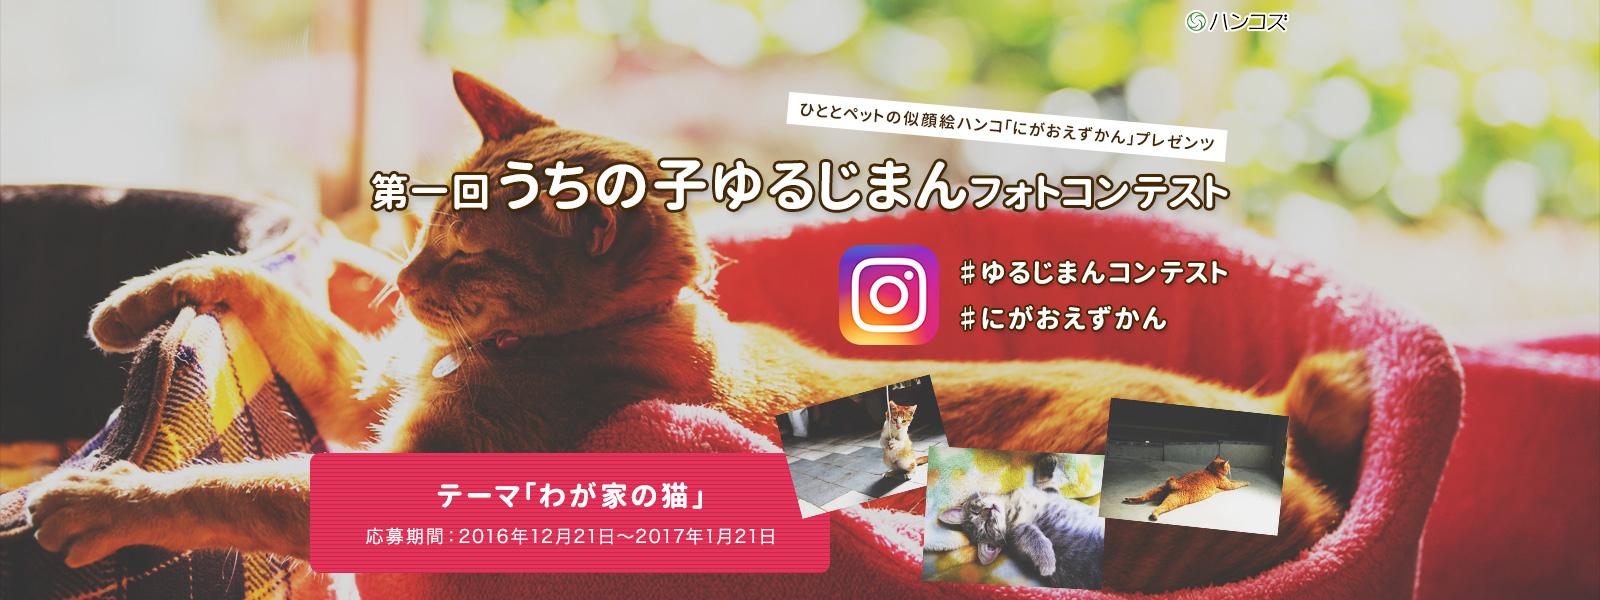 main_20161223090833112.jpg